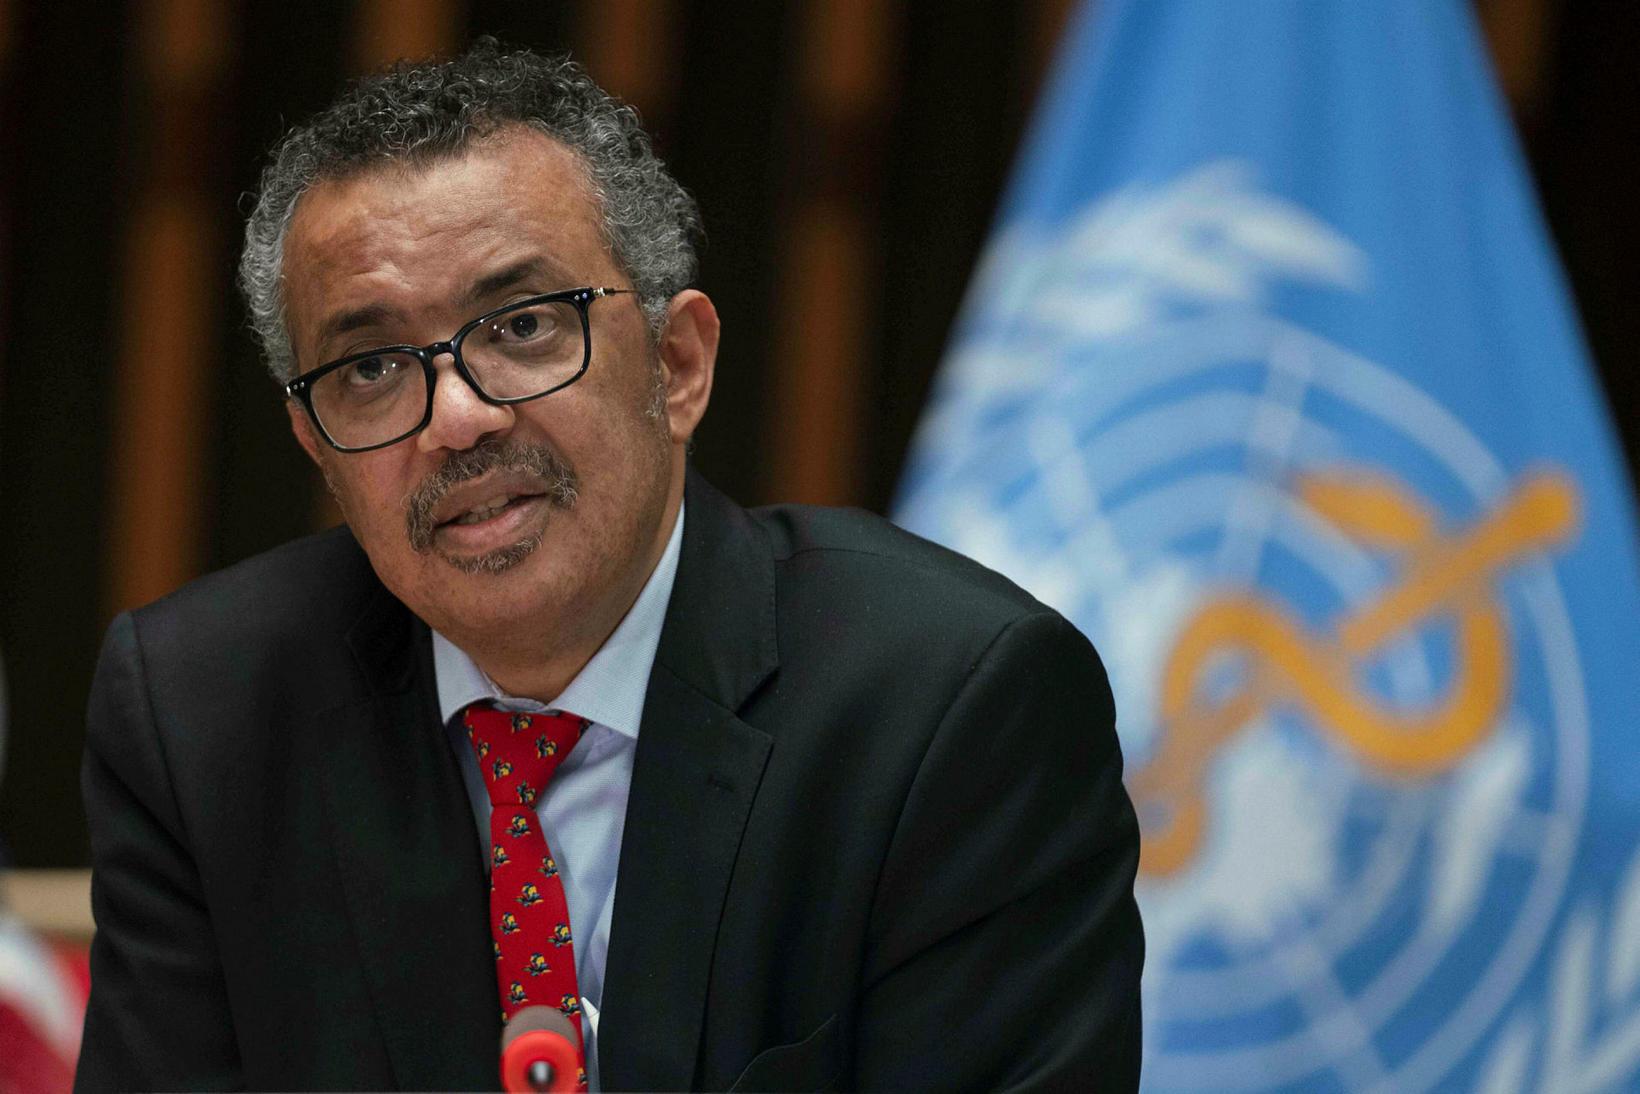 Tedros Adhanom Ghebreyesus, framkvæmdastjóri WHO.